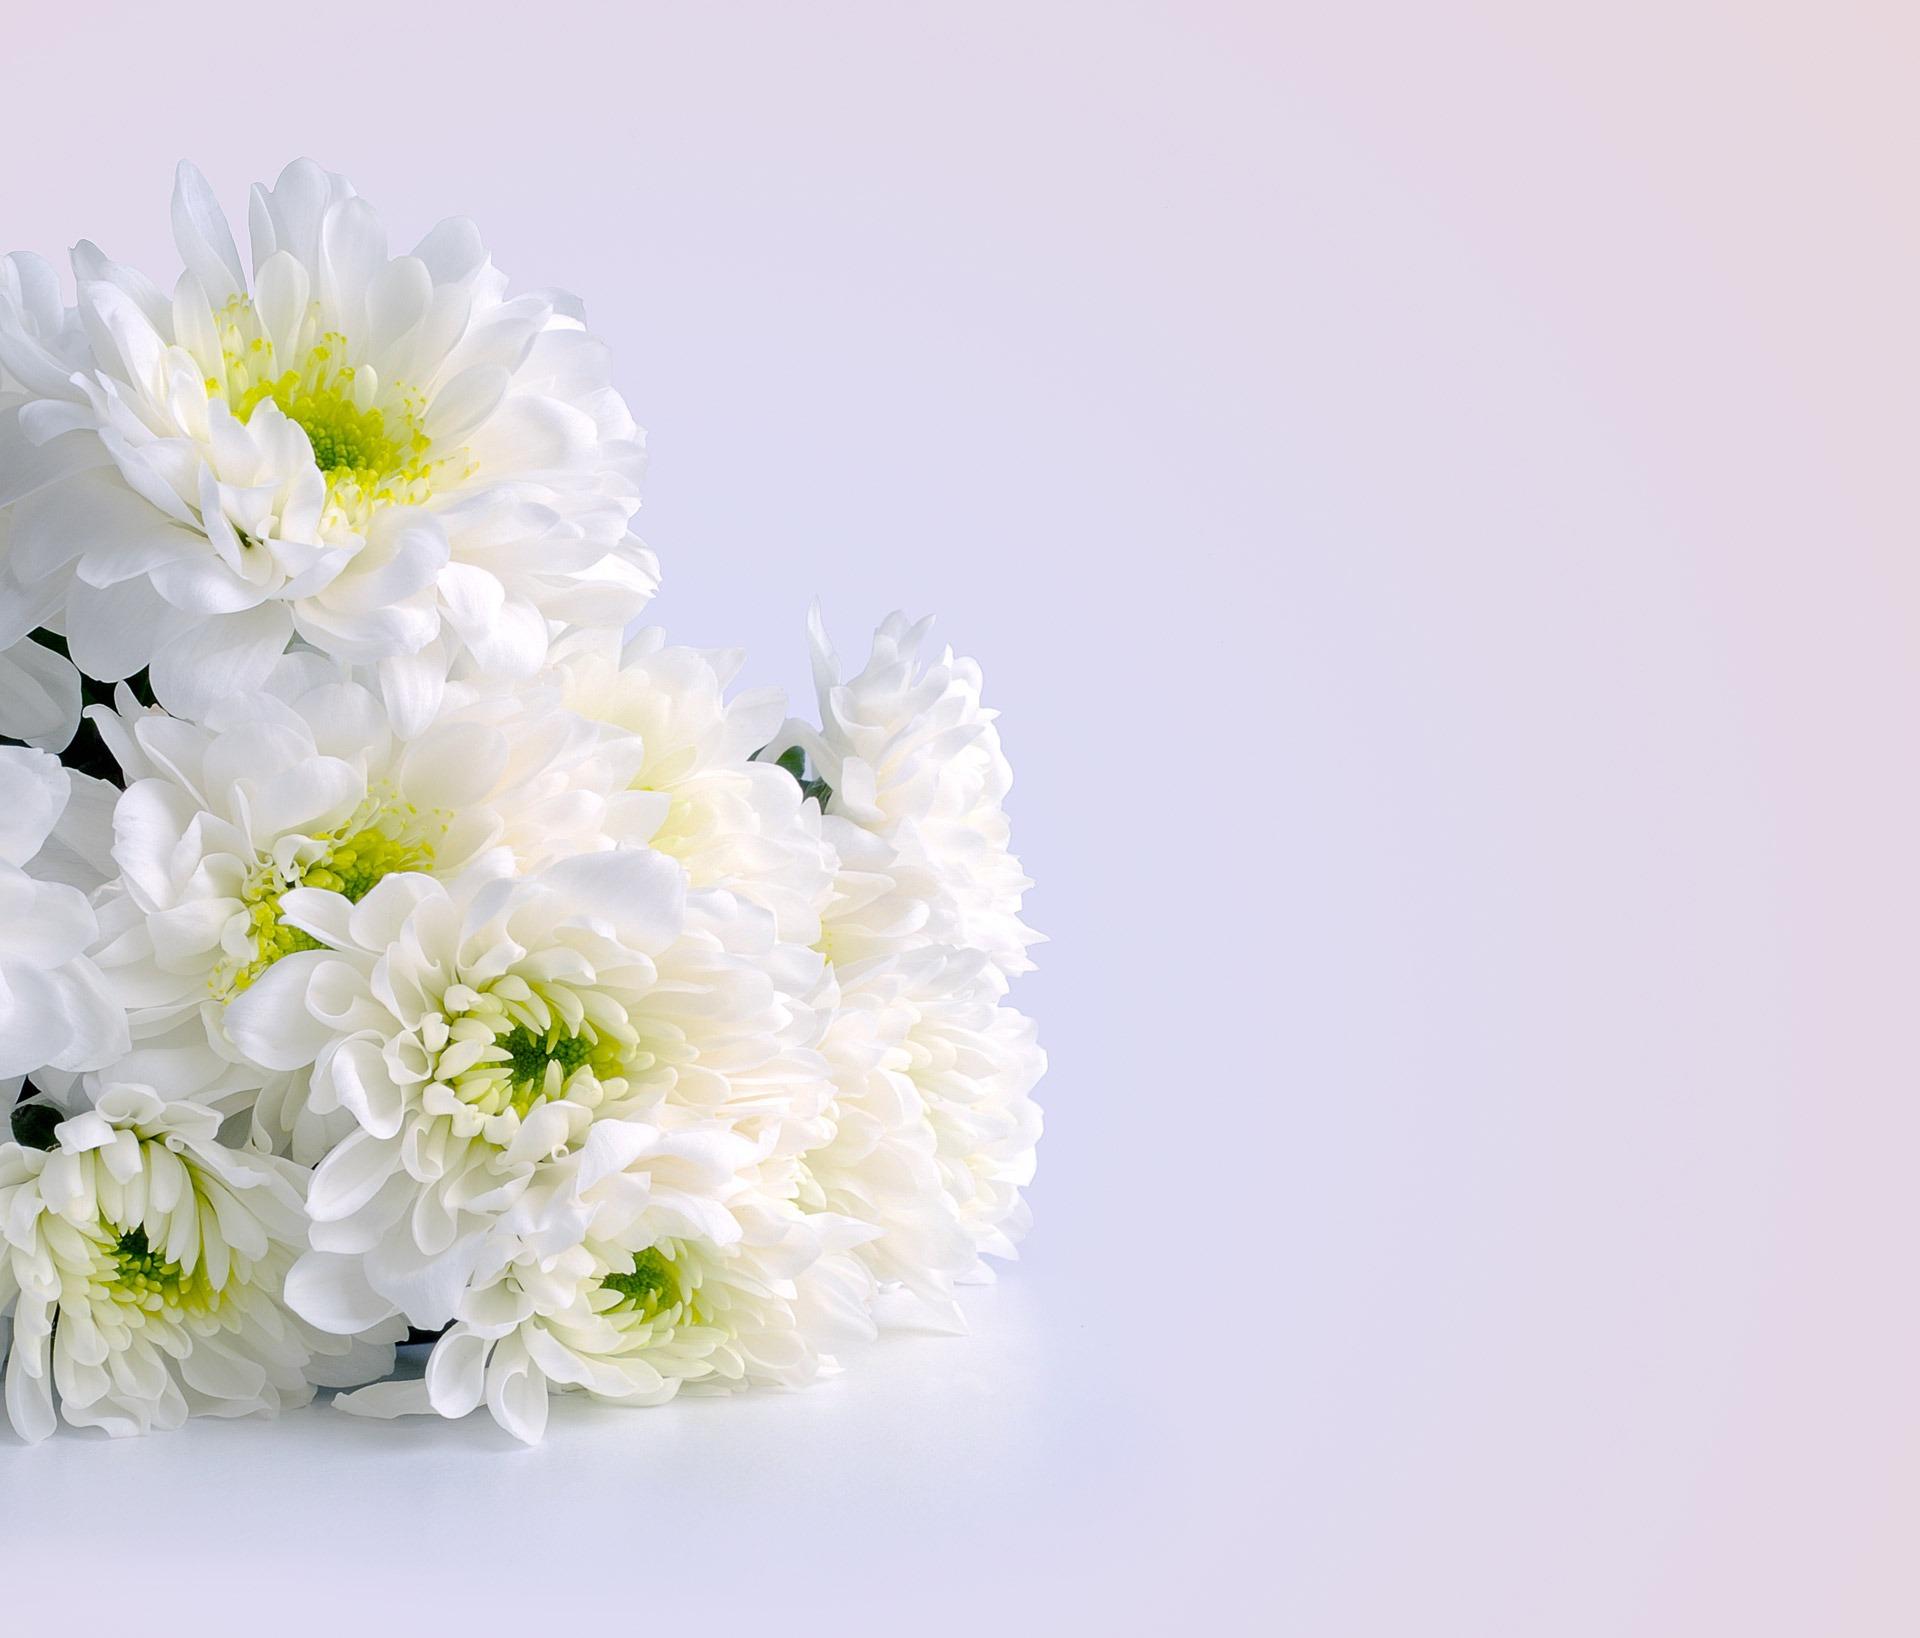 Белоснежные открытки с цветами